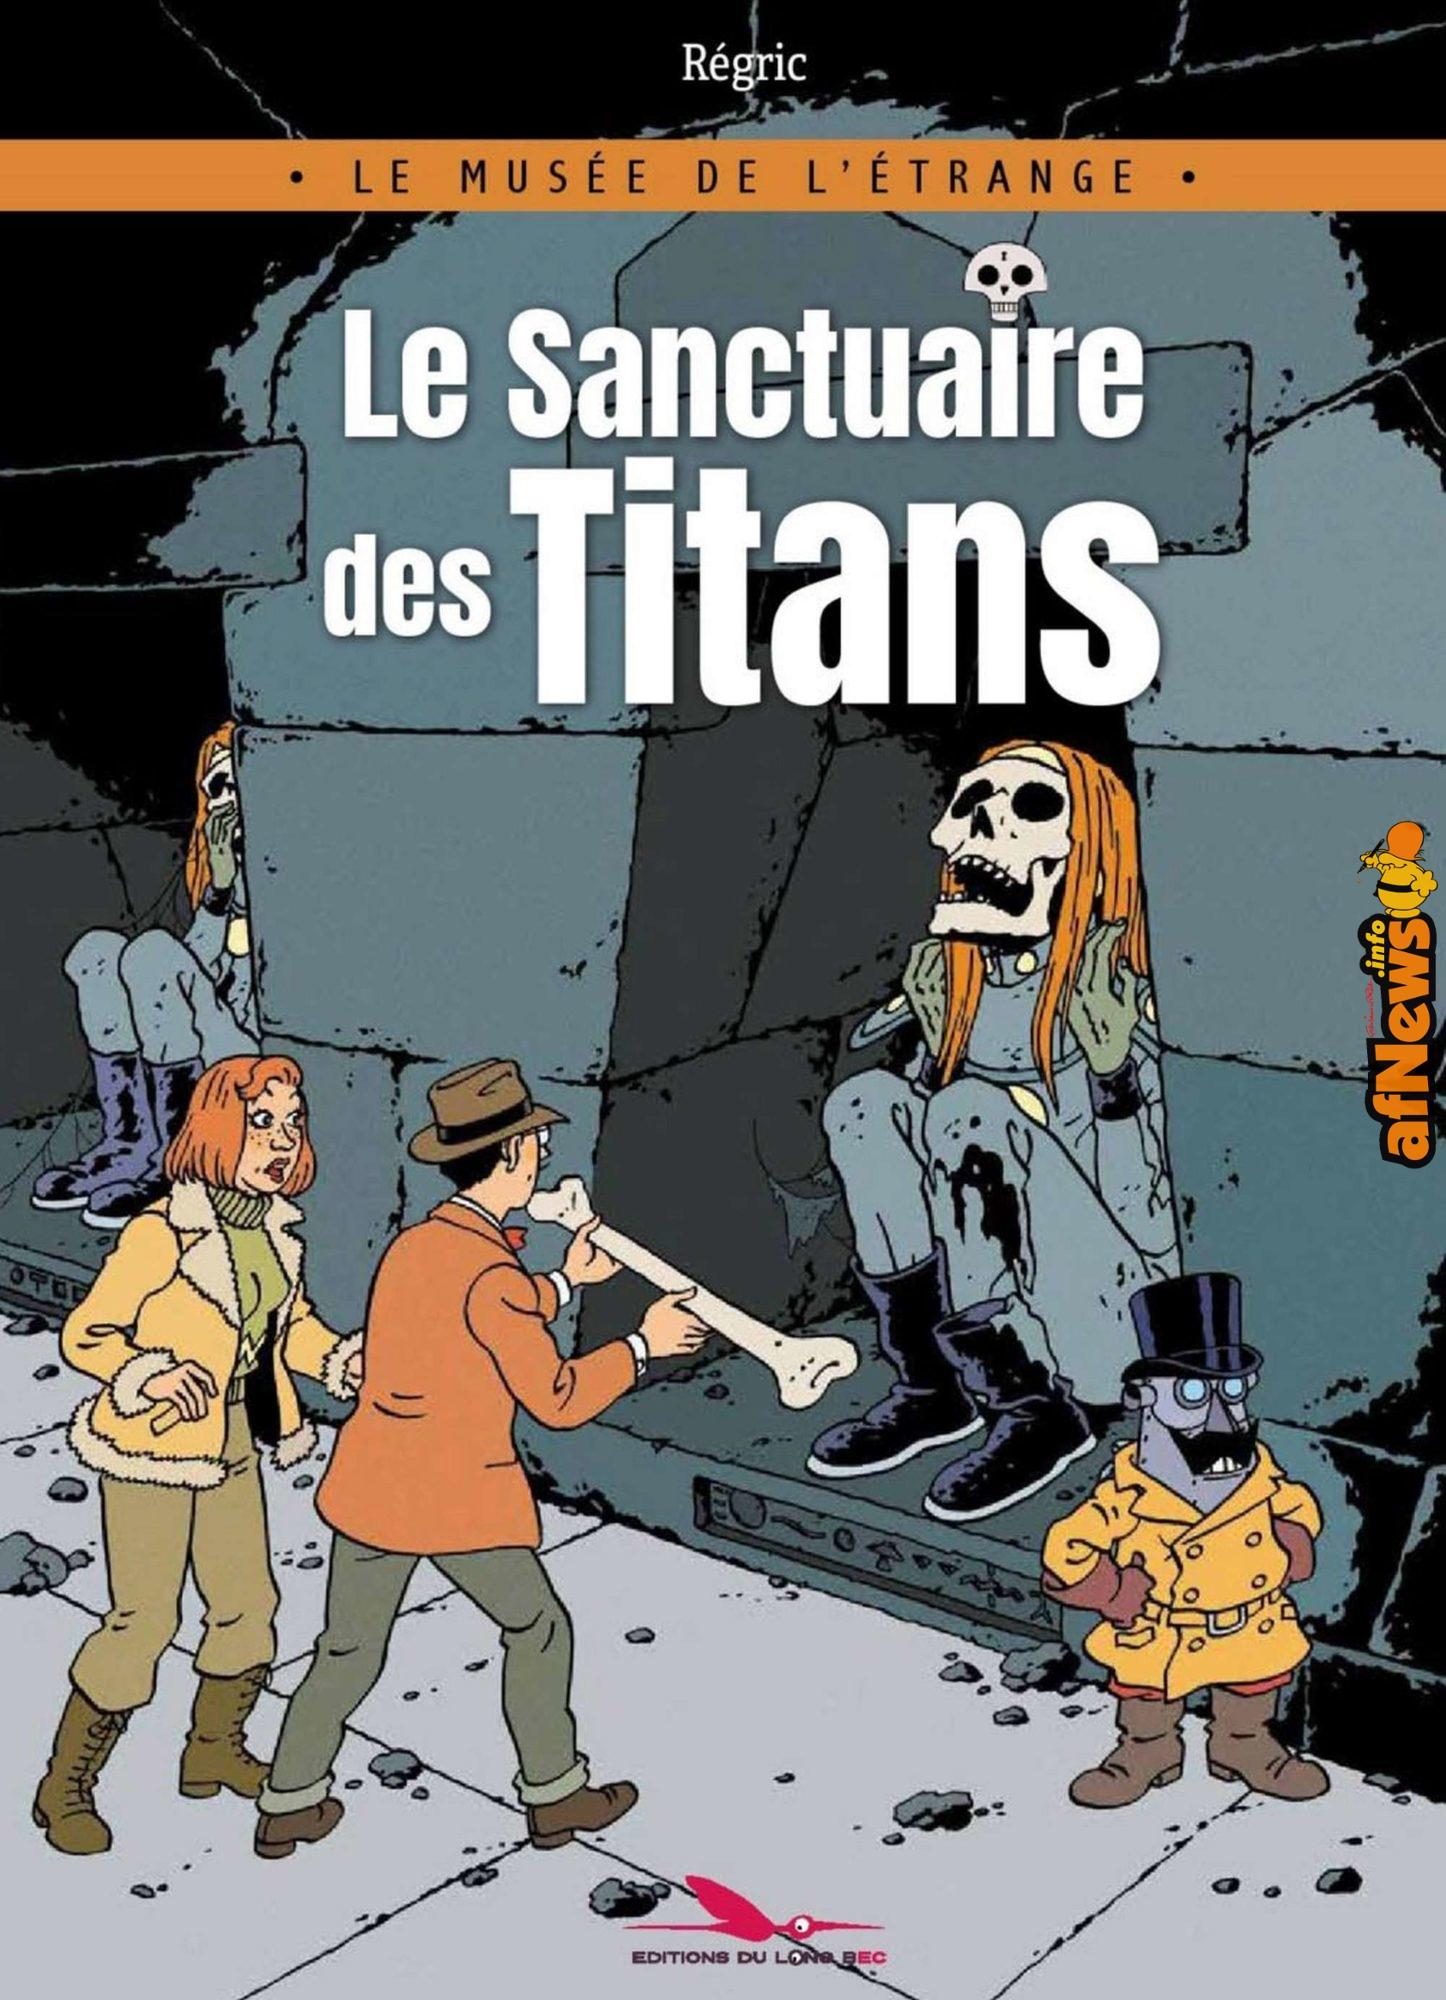 Recensione: Il Santuario dei Titani di Régric